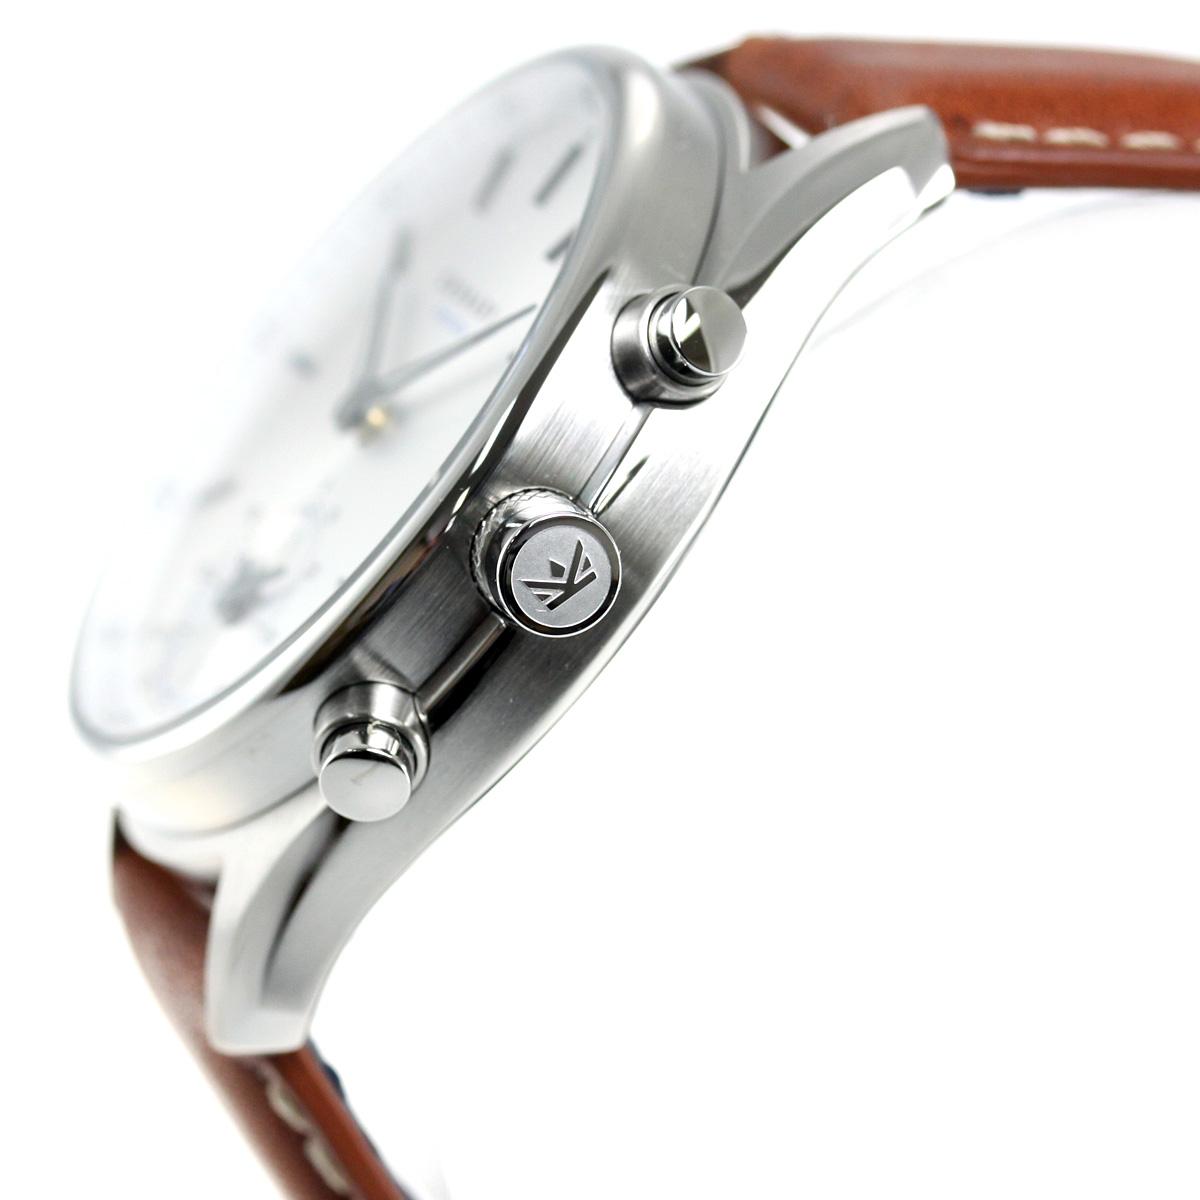 クロナビー KRONABY セーケル SEKEL スマートウォッチ 腕時計 メンズ A1000-1901